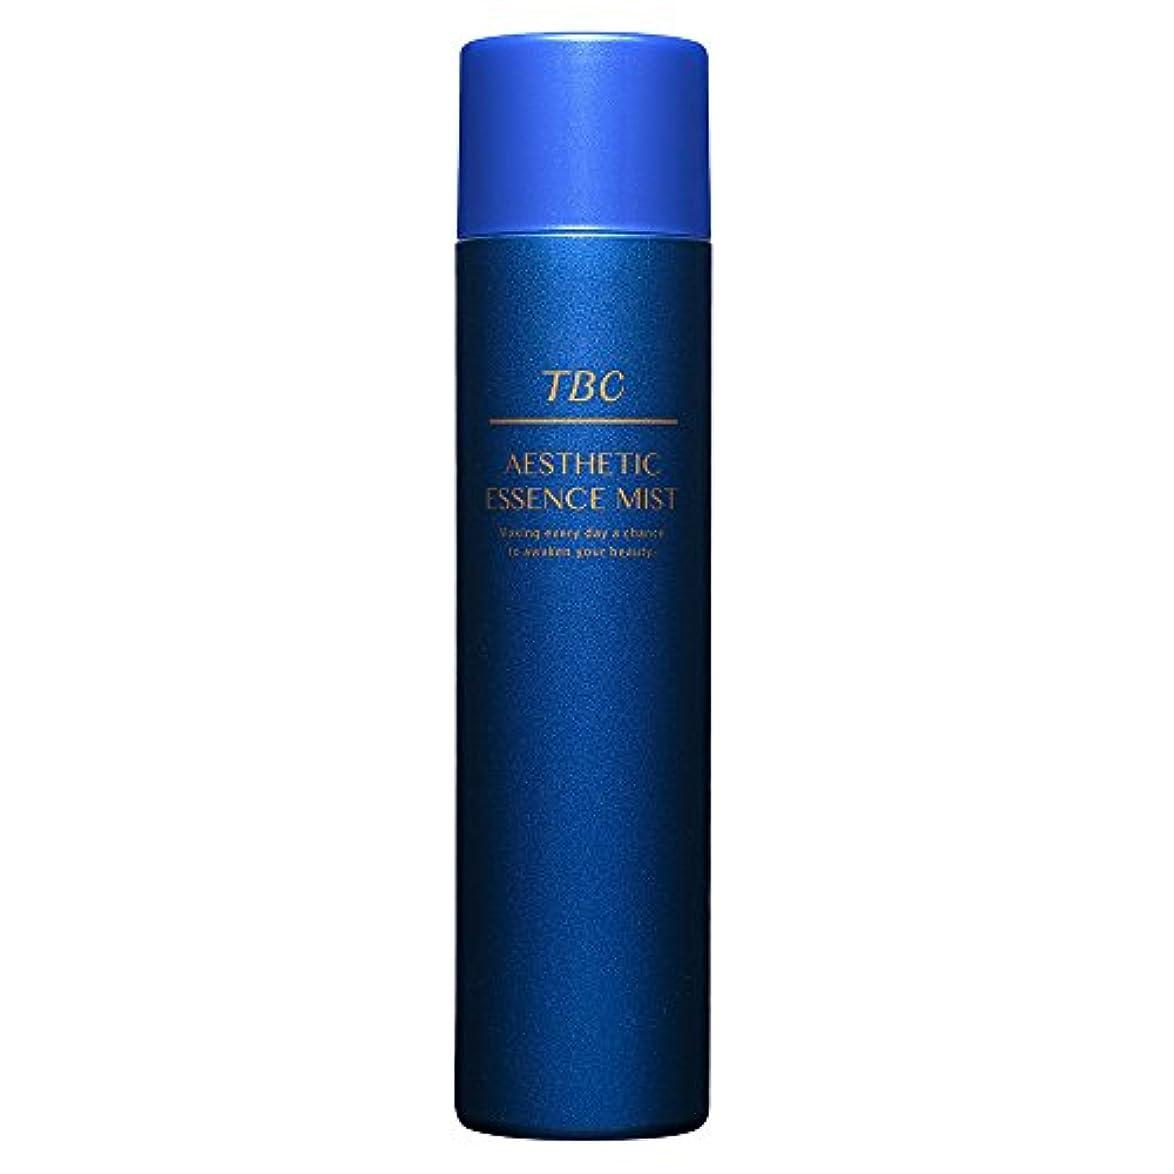 ダウン保護する貼り直すTBC エステティックエッセンスミスト 化粧水/炭酸ミスト/美容液/スプレータイプ/エステ